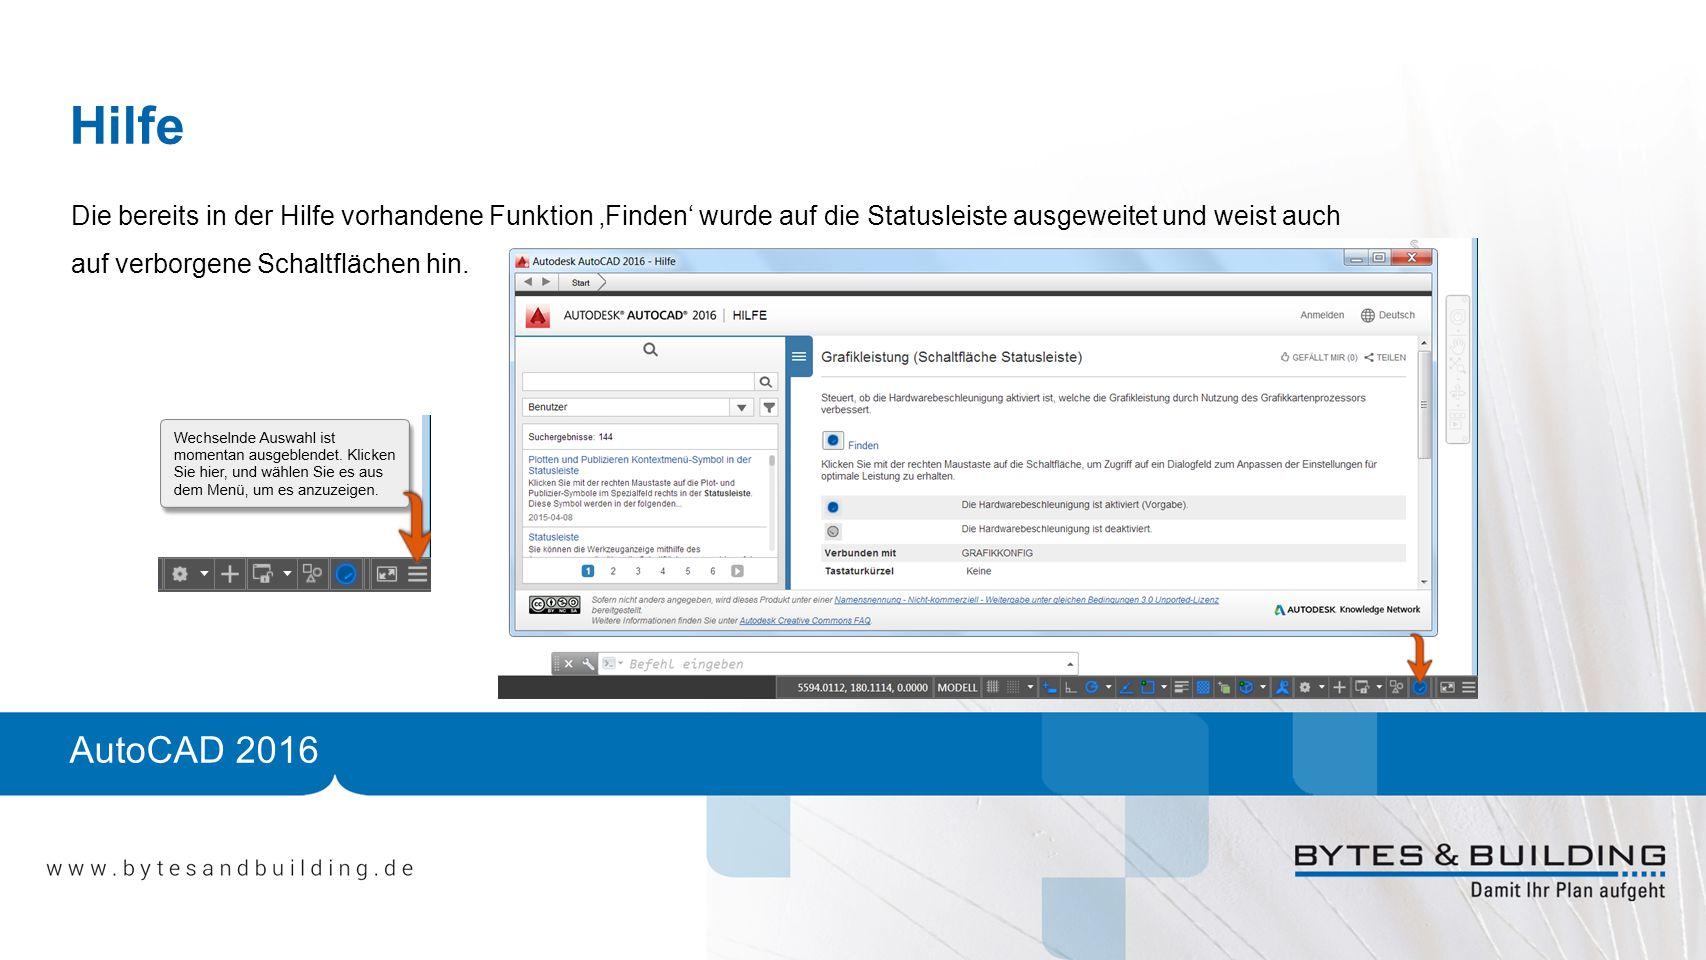 AutoCAD 2016 Hilfe Die bereits in der Hilfe vorhandene Funktion 'Finden' wurde auf die Statusleiste ausgeweitet und weist auch auf verborgene Schaltflächen hin.